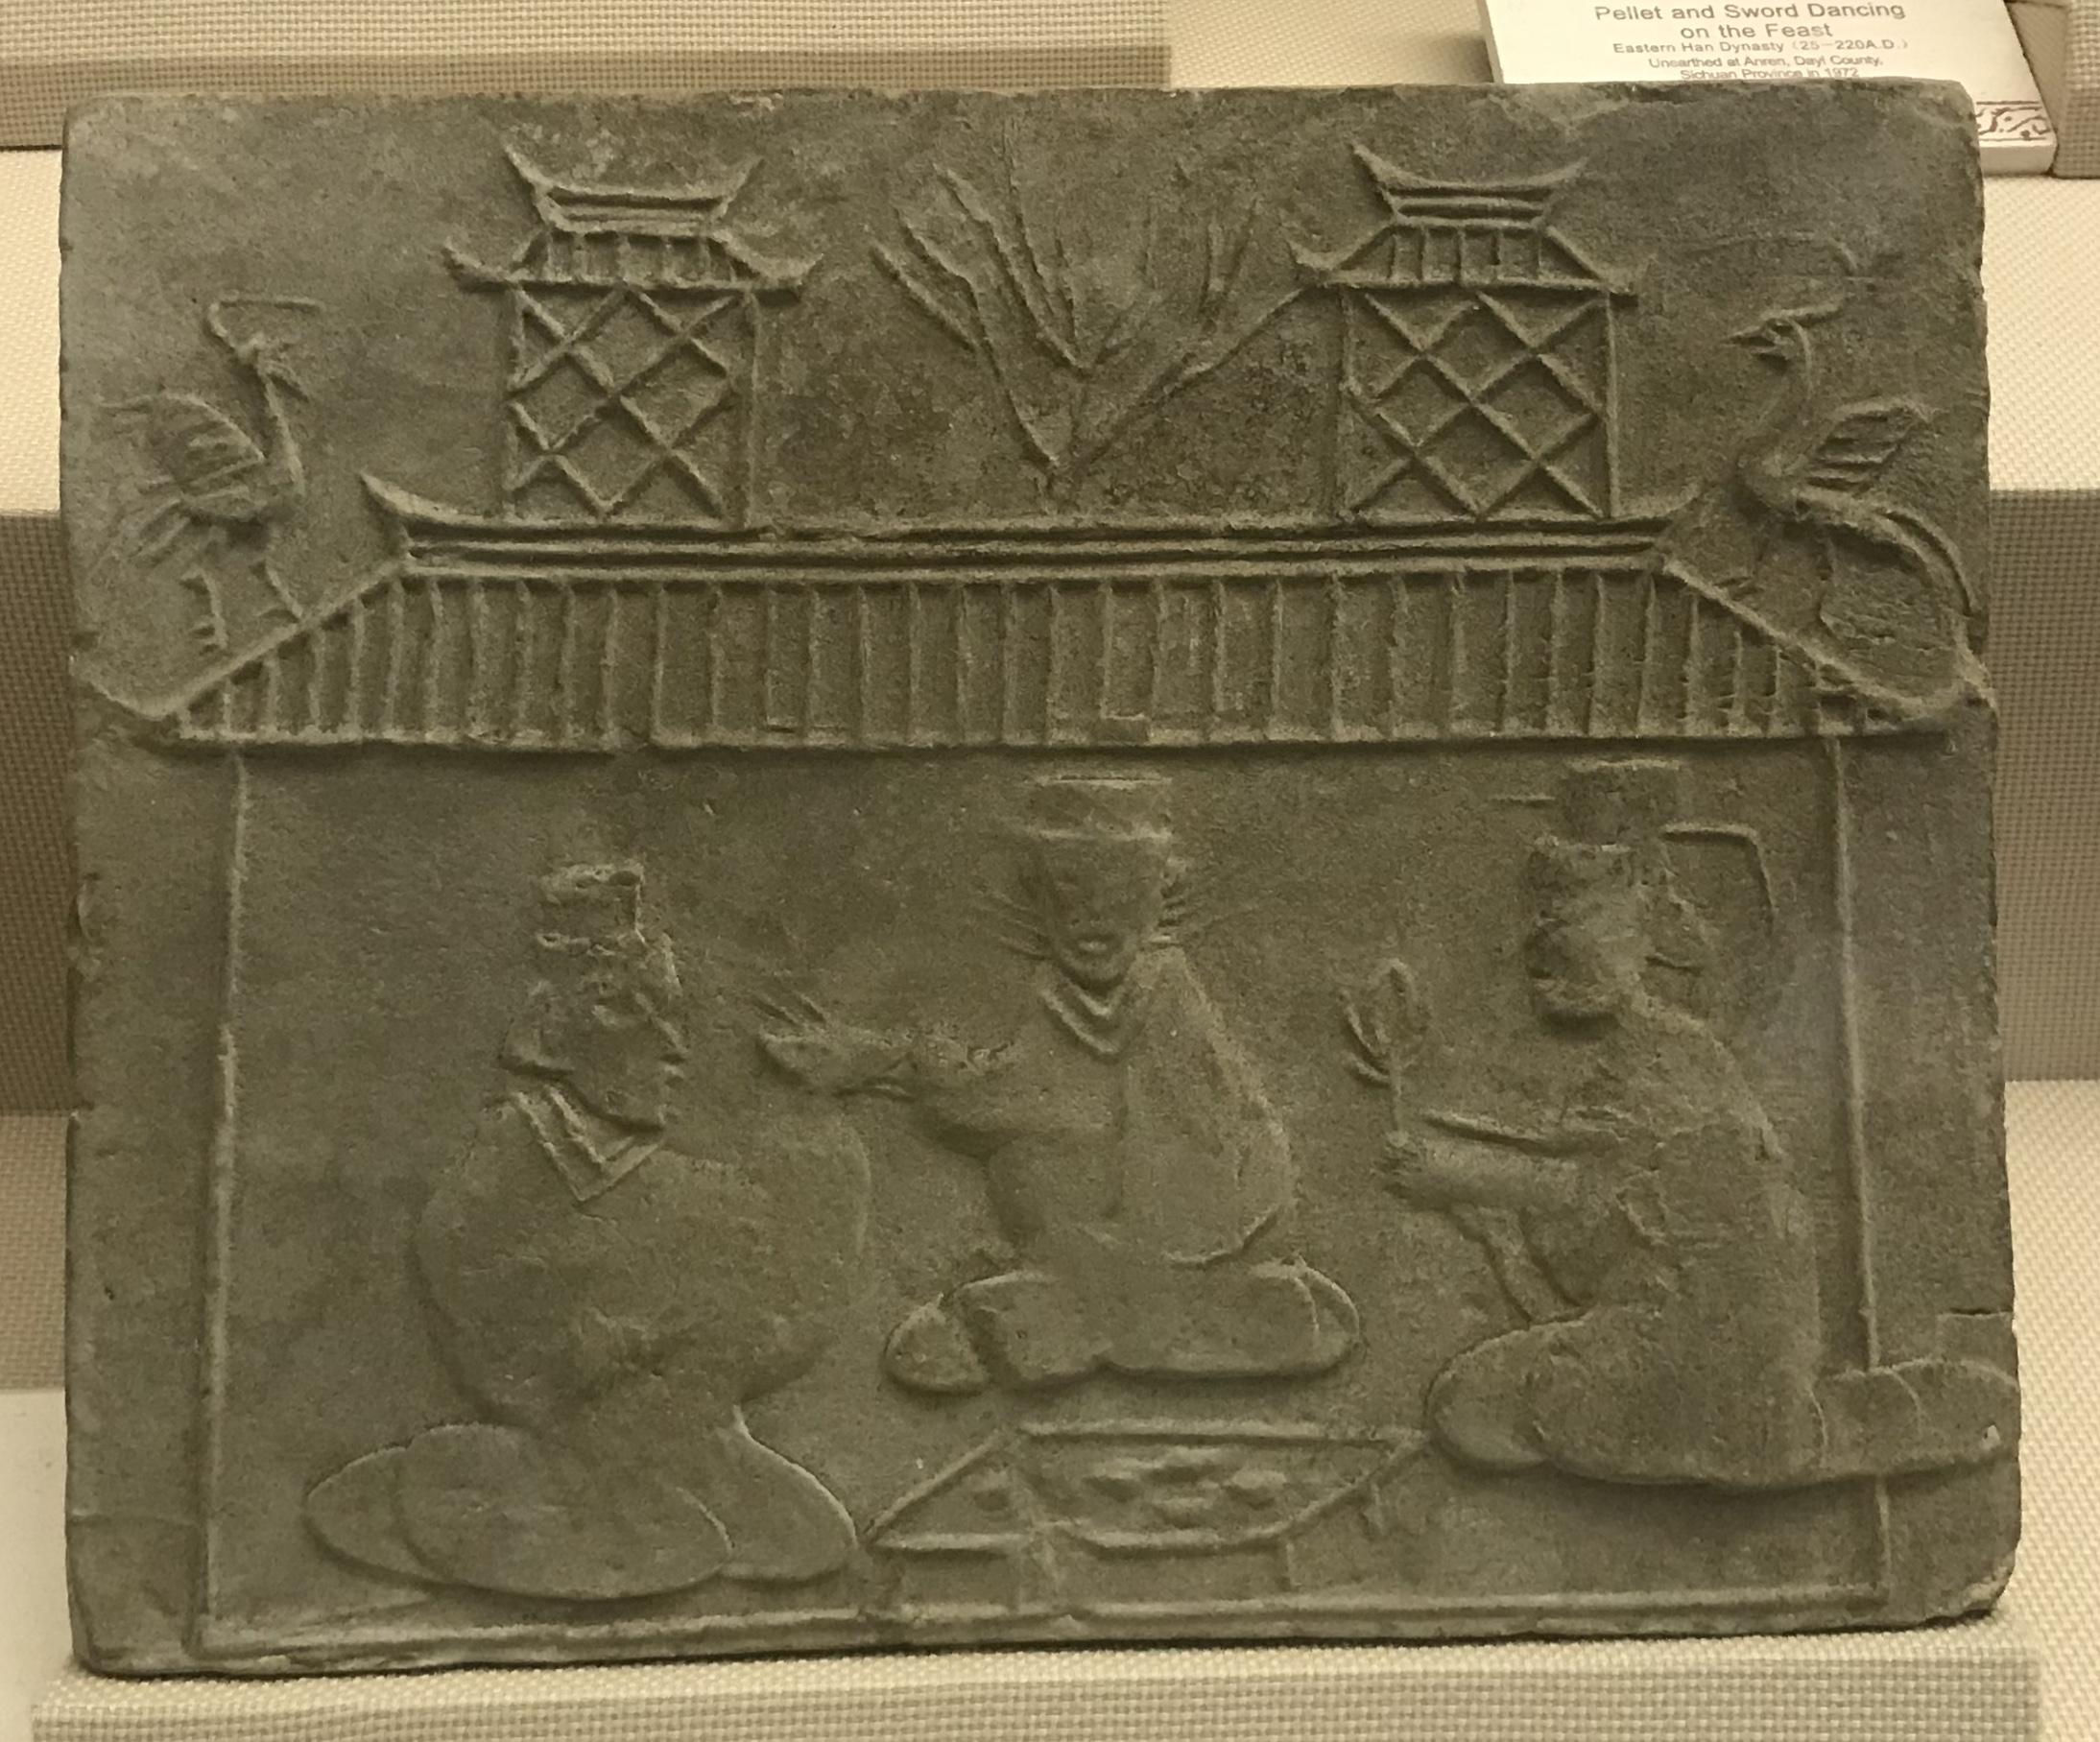 宴飲1画像レンガ-東漢-彭山県太平出土-四川漢代陶石芸術館-四川博物院-成都